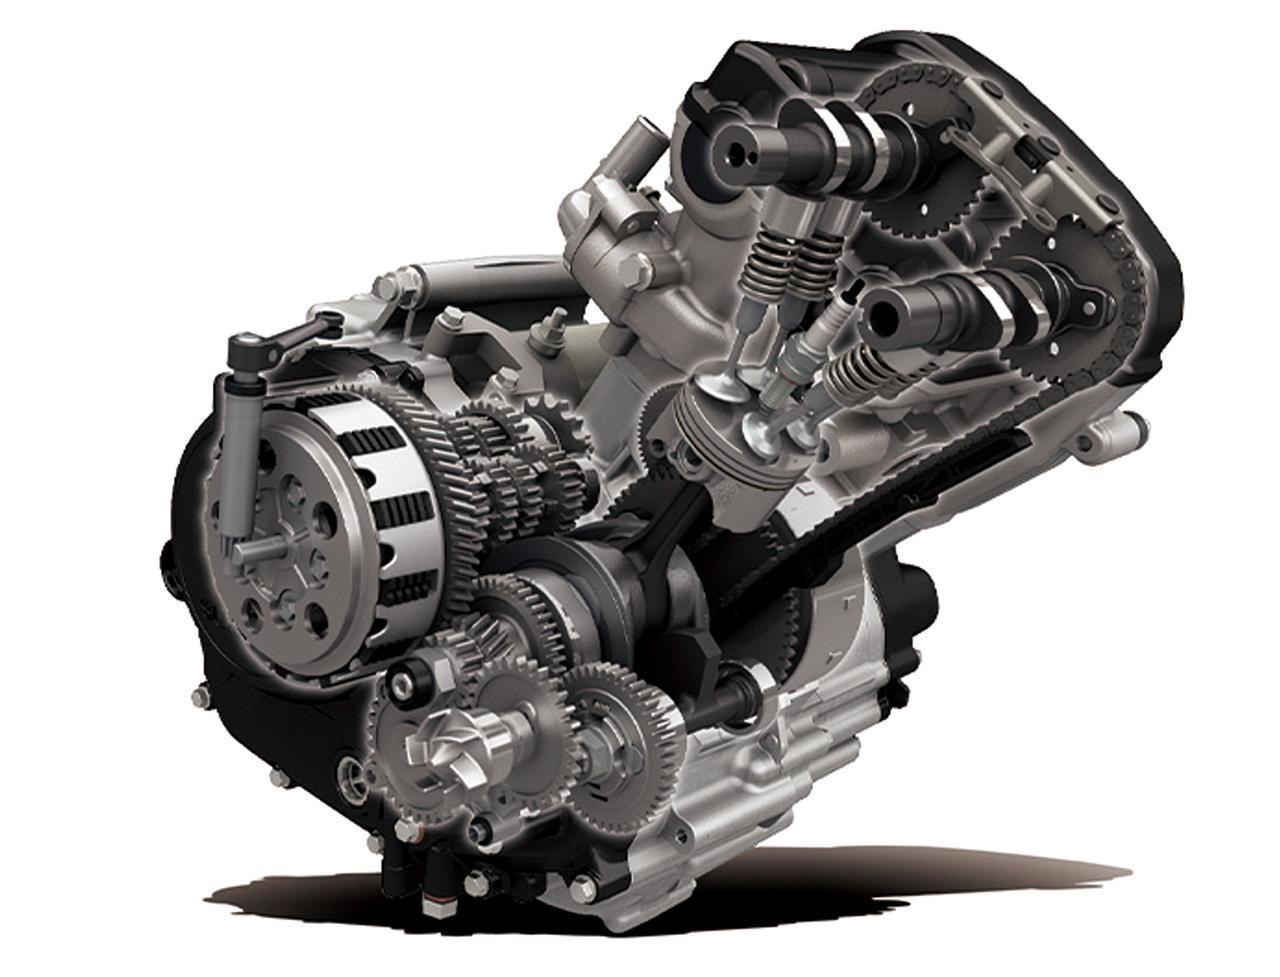 画像: 水冷DOHC4バルブ単気筒エンジンは、力強い加速と高い燃費性能を実現。スズキ独自のメッキシリンダーを採用し、耐摩耗性にも優れる。